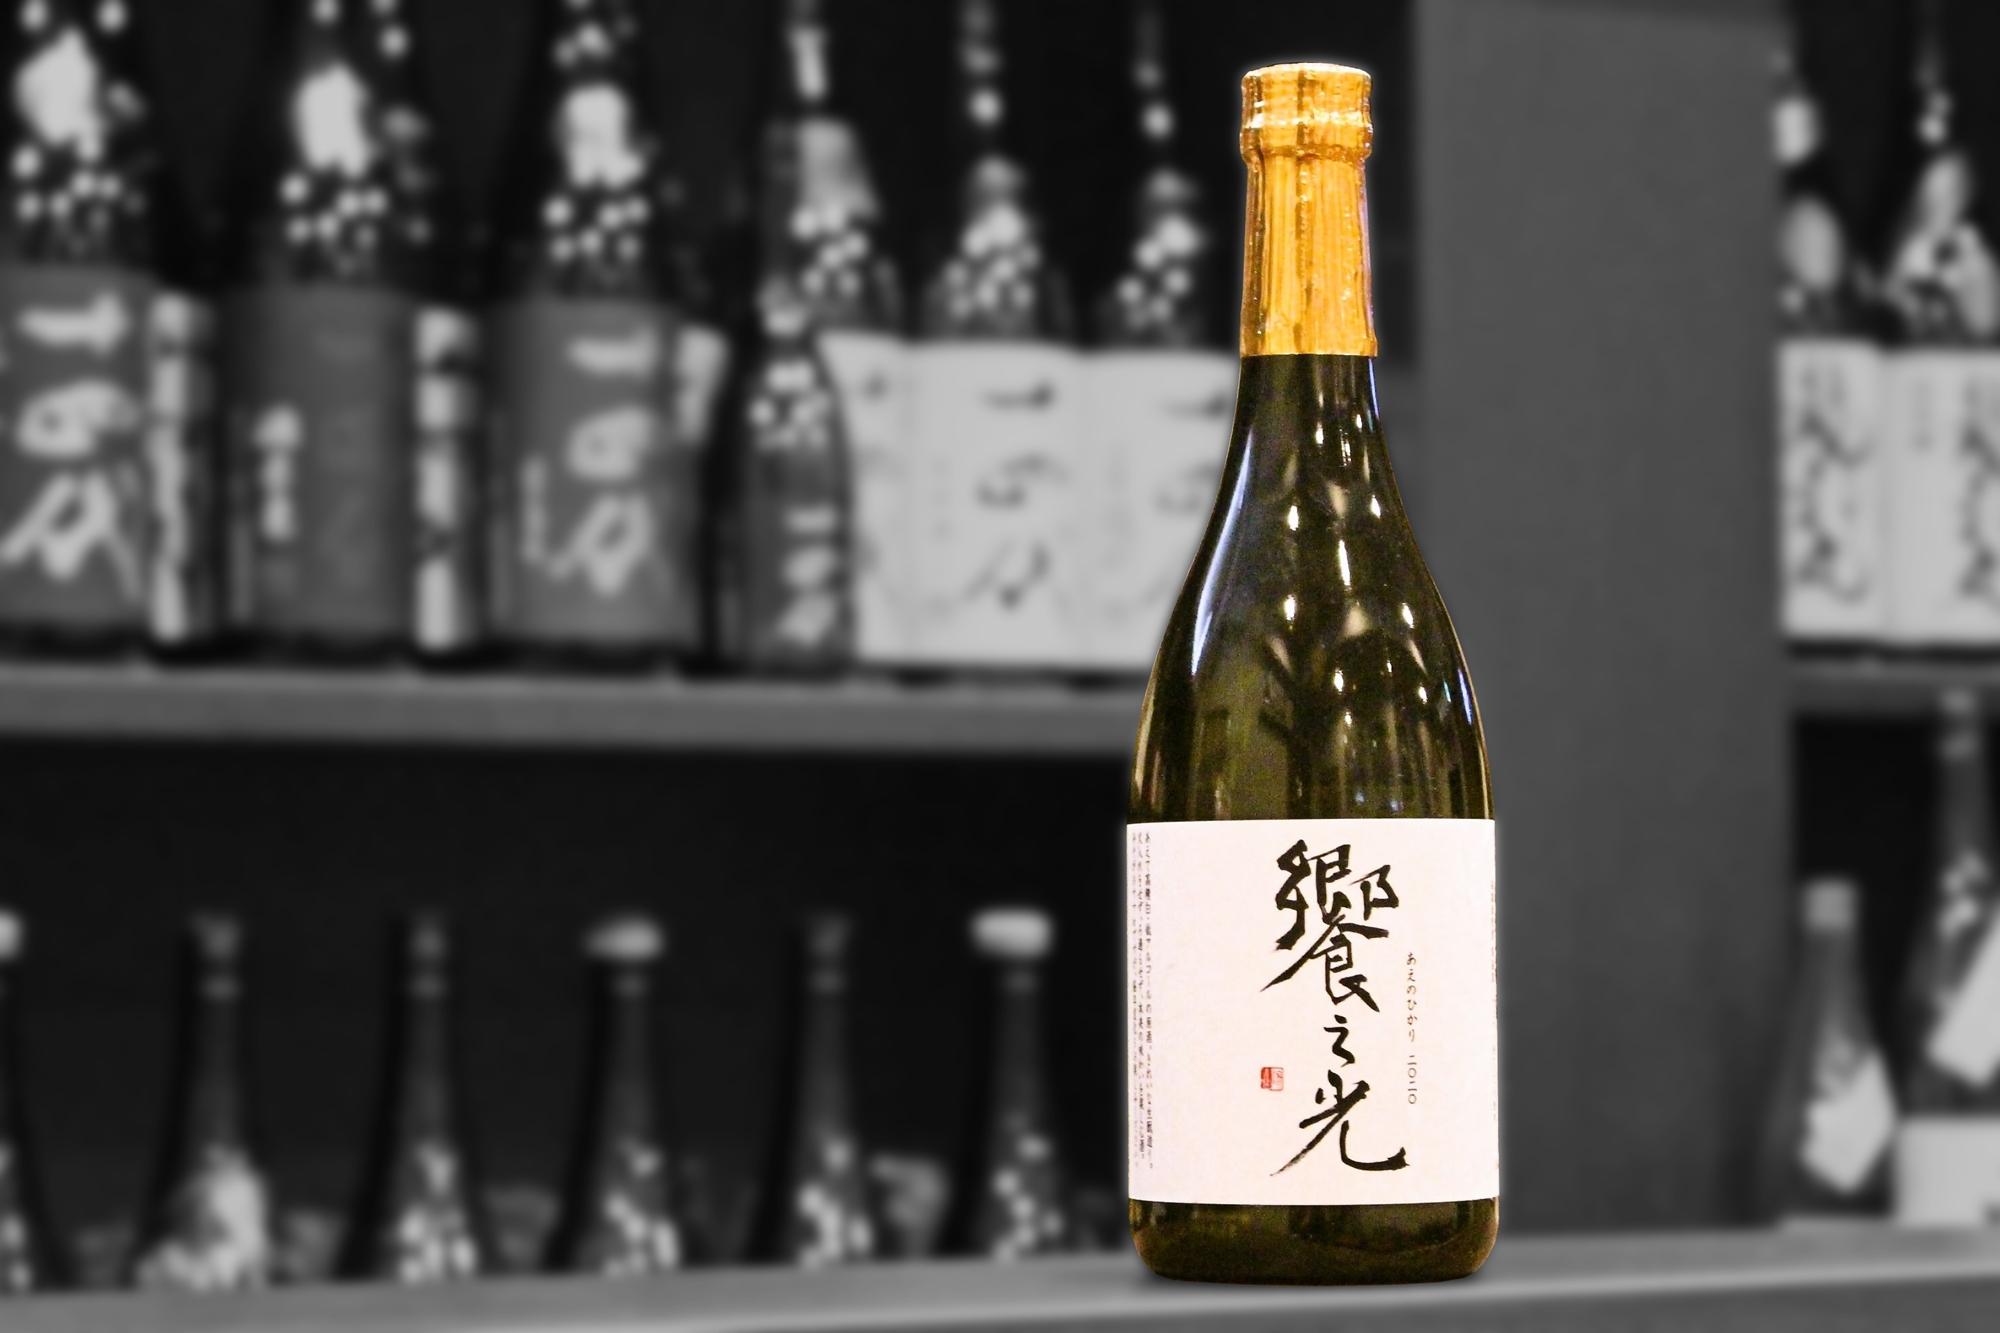 饗之光純米大吟醸生もと造り202101-001